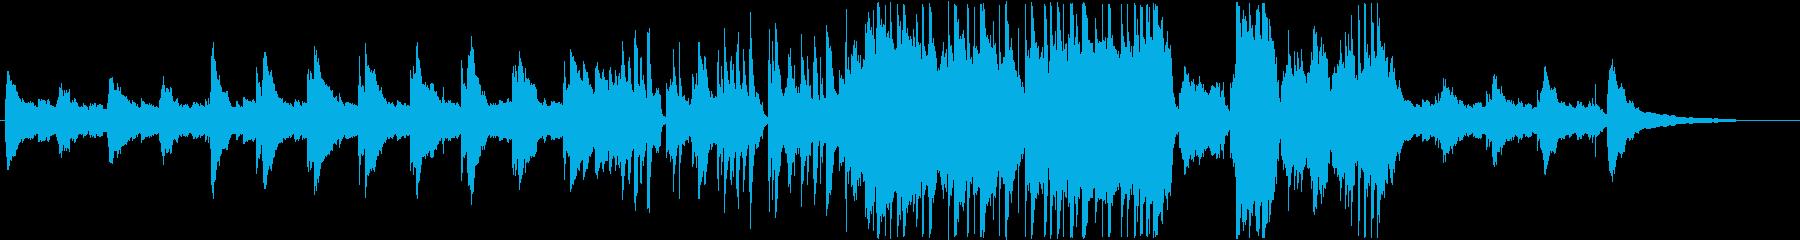 民族楽器の響きが優しい癒し系スローBGMの再生済みの波形